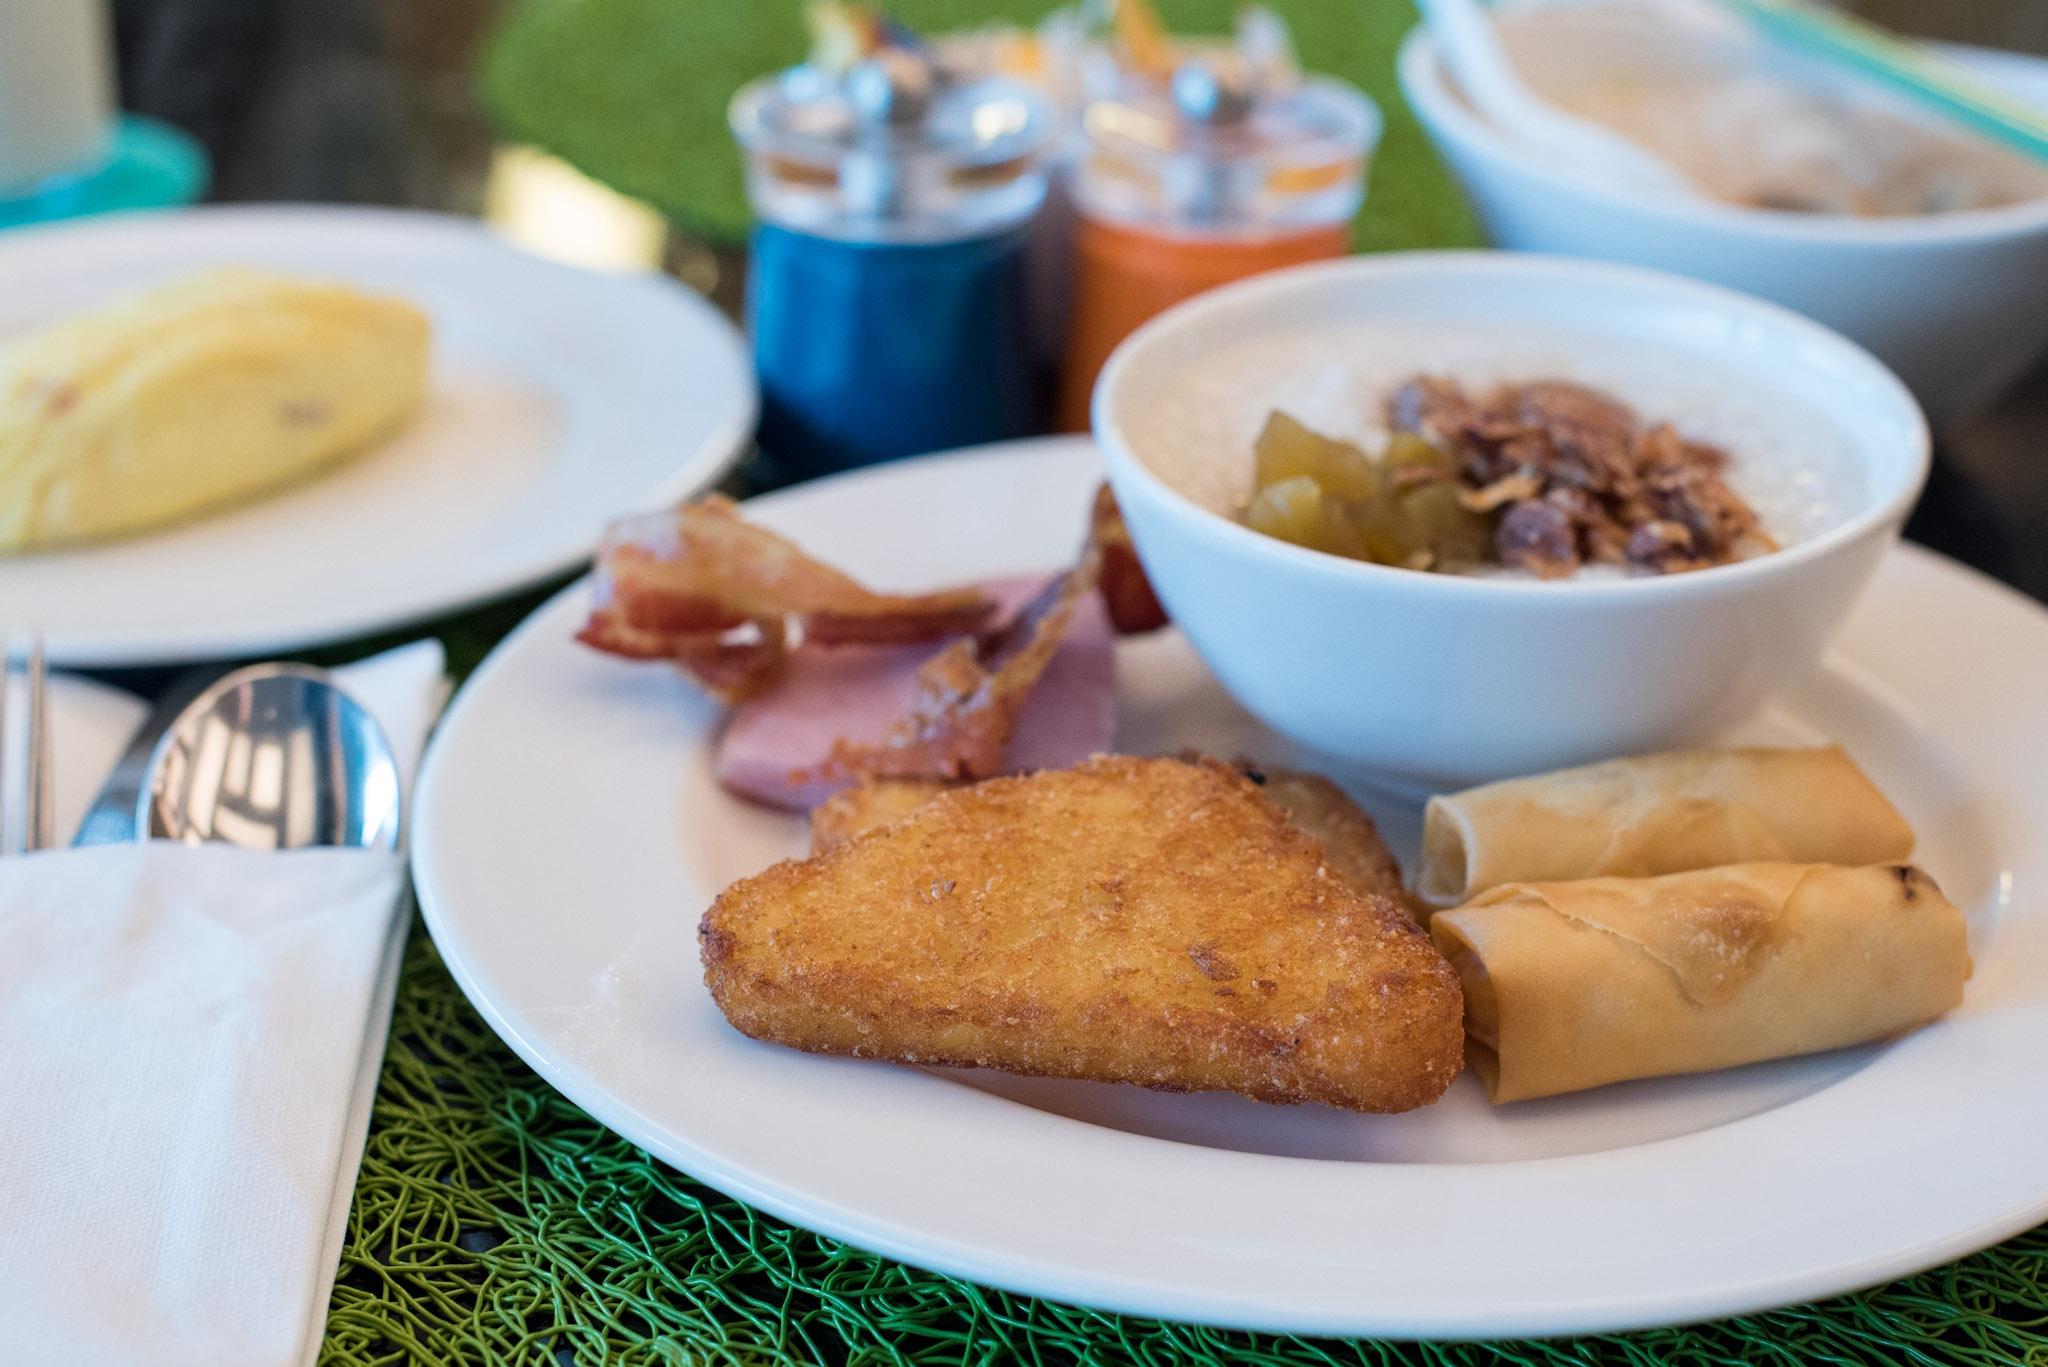 Breakfast at Makan @ Jen - Hotel Jen Orchardgateway Singapore